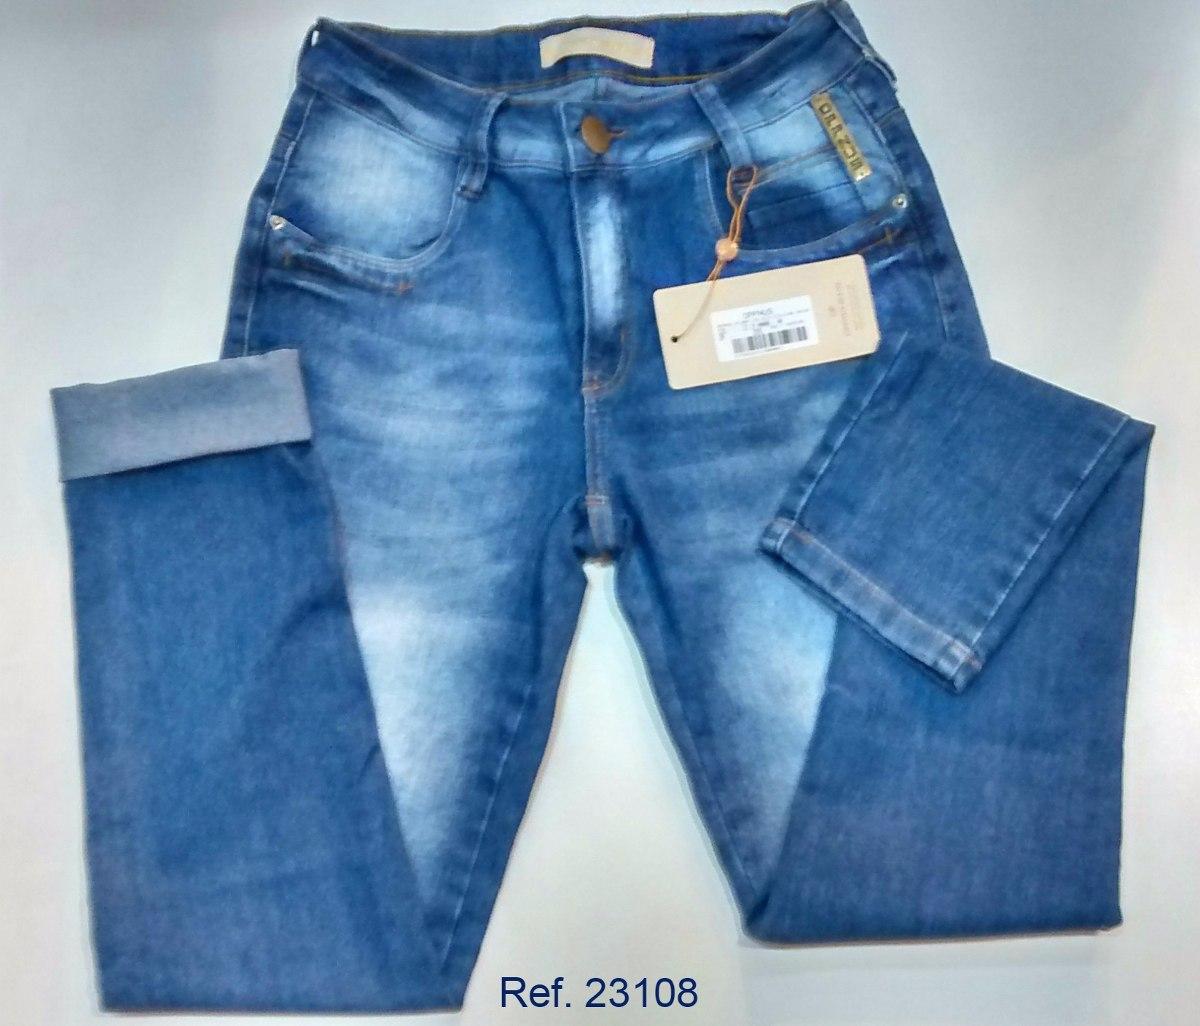 8fa85d18a calça jeans feminina oppnus skinny cos alto 23108. Carregando zoom.